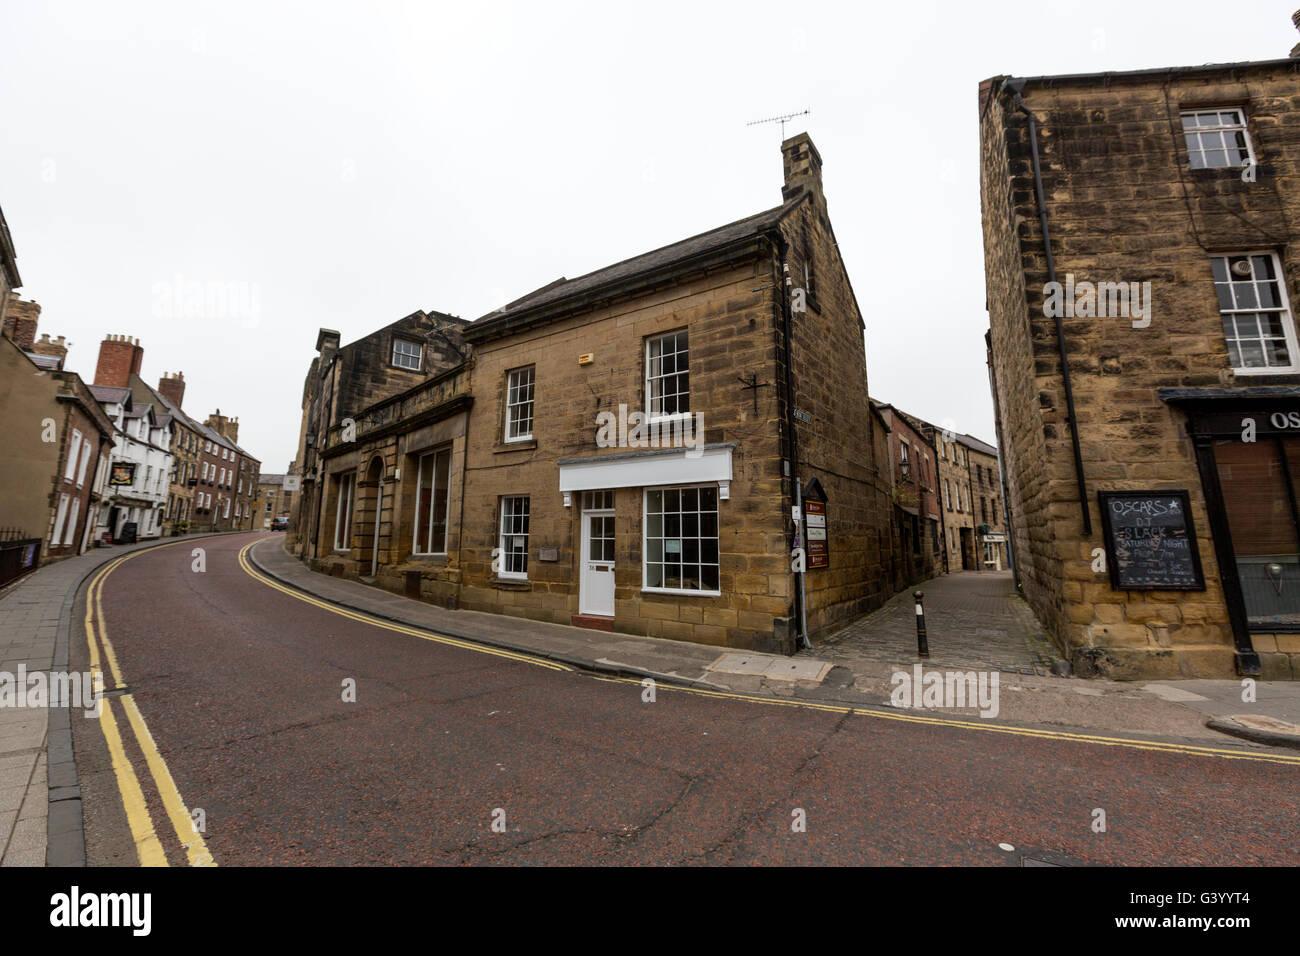 Alnwick street, Northumberland, England, UK - Stock Image